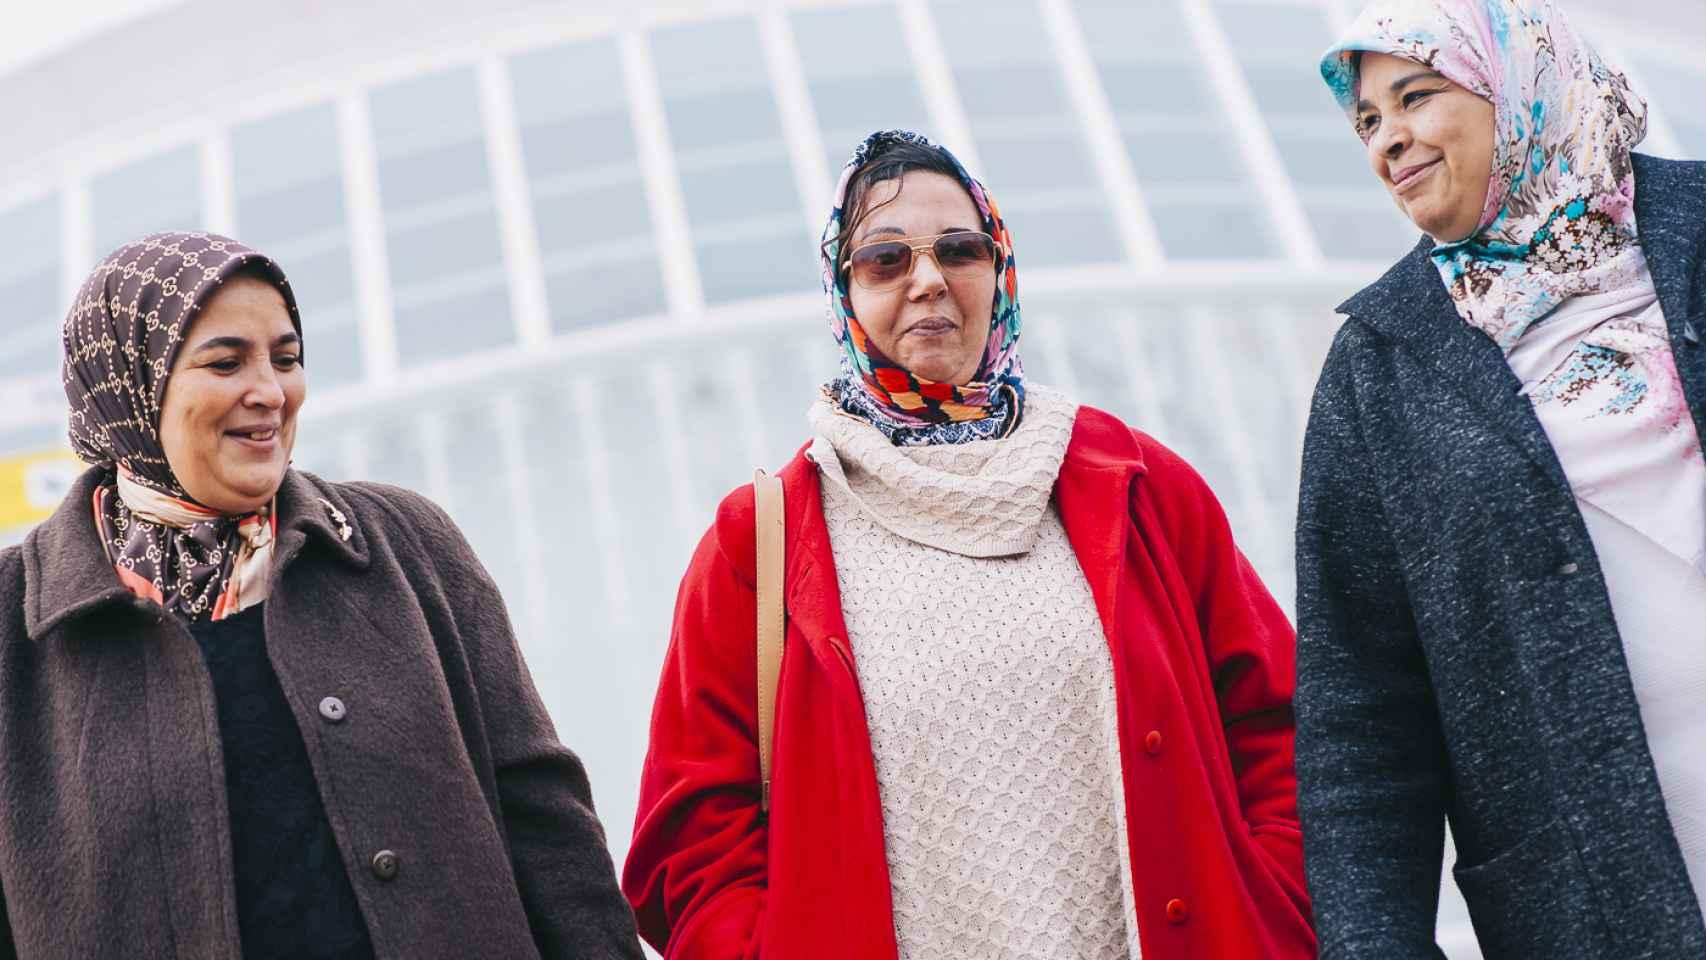 A la izquierda, Samira Zine, quien acogió a la paciente en su casa durante un año. A la derecha, Latifa Boumediane. Las tres se han convertido en grandes amigas.